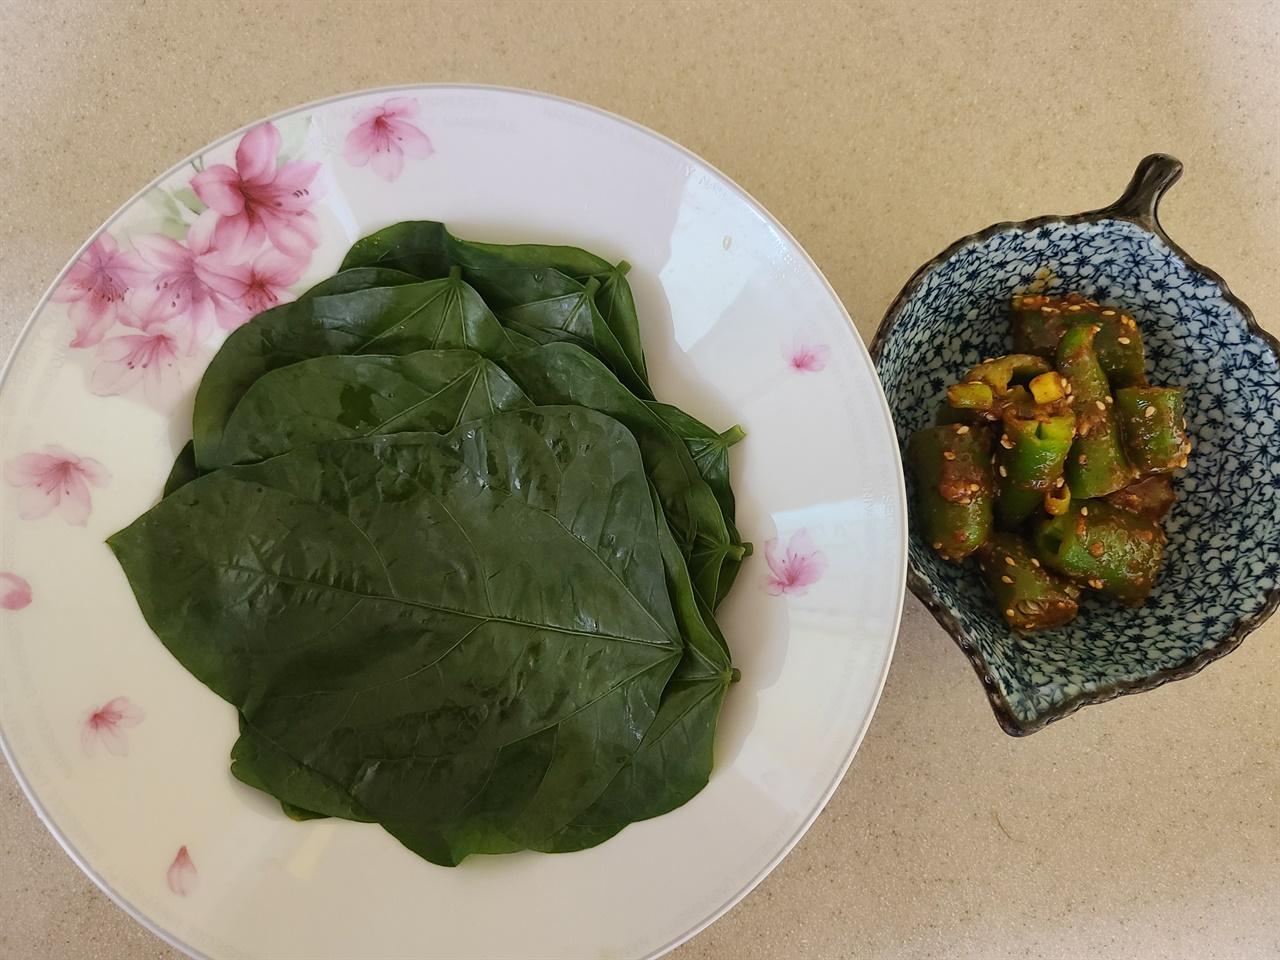 우리는 동부콩잎을 쌈장과 함께 쌈 재료로 맛나게 먹었습니다.